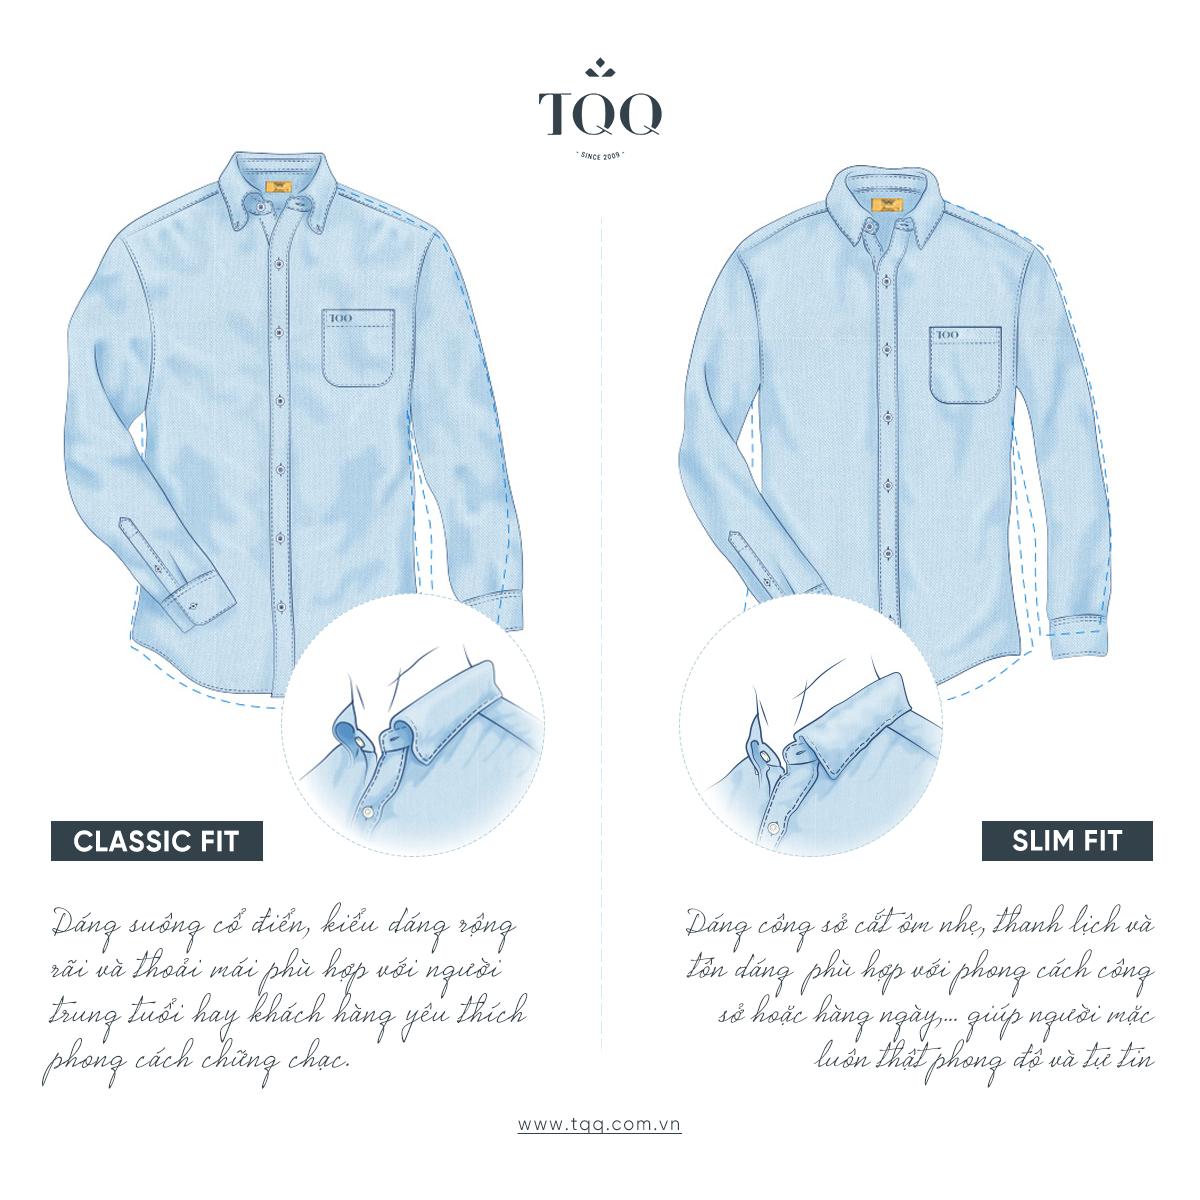 Classic Fit và Slimfit là 2 dáng áo phù hợp nhất với quý ông tuổi trung niên